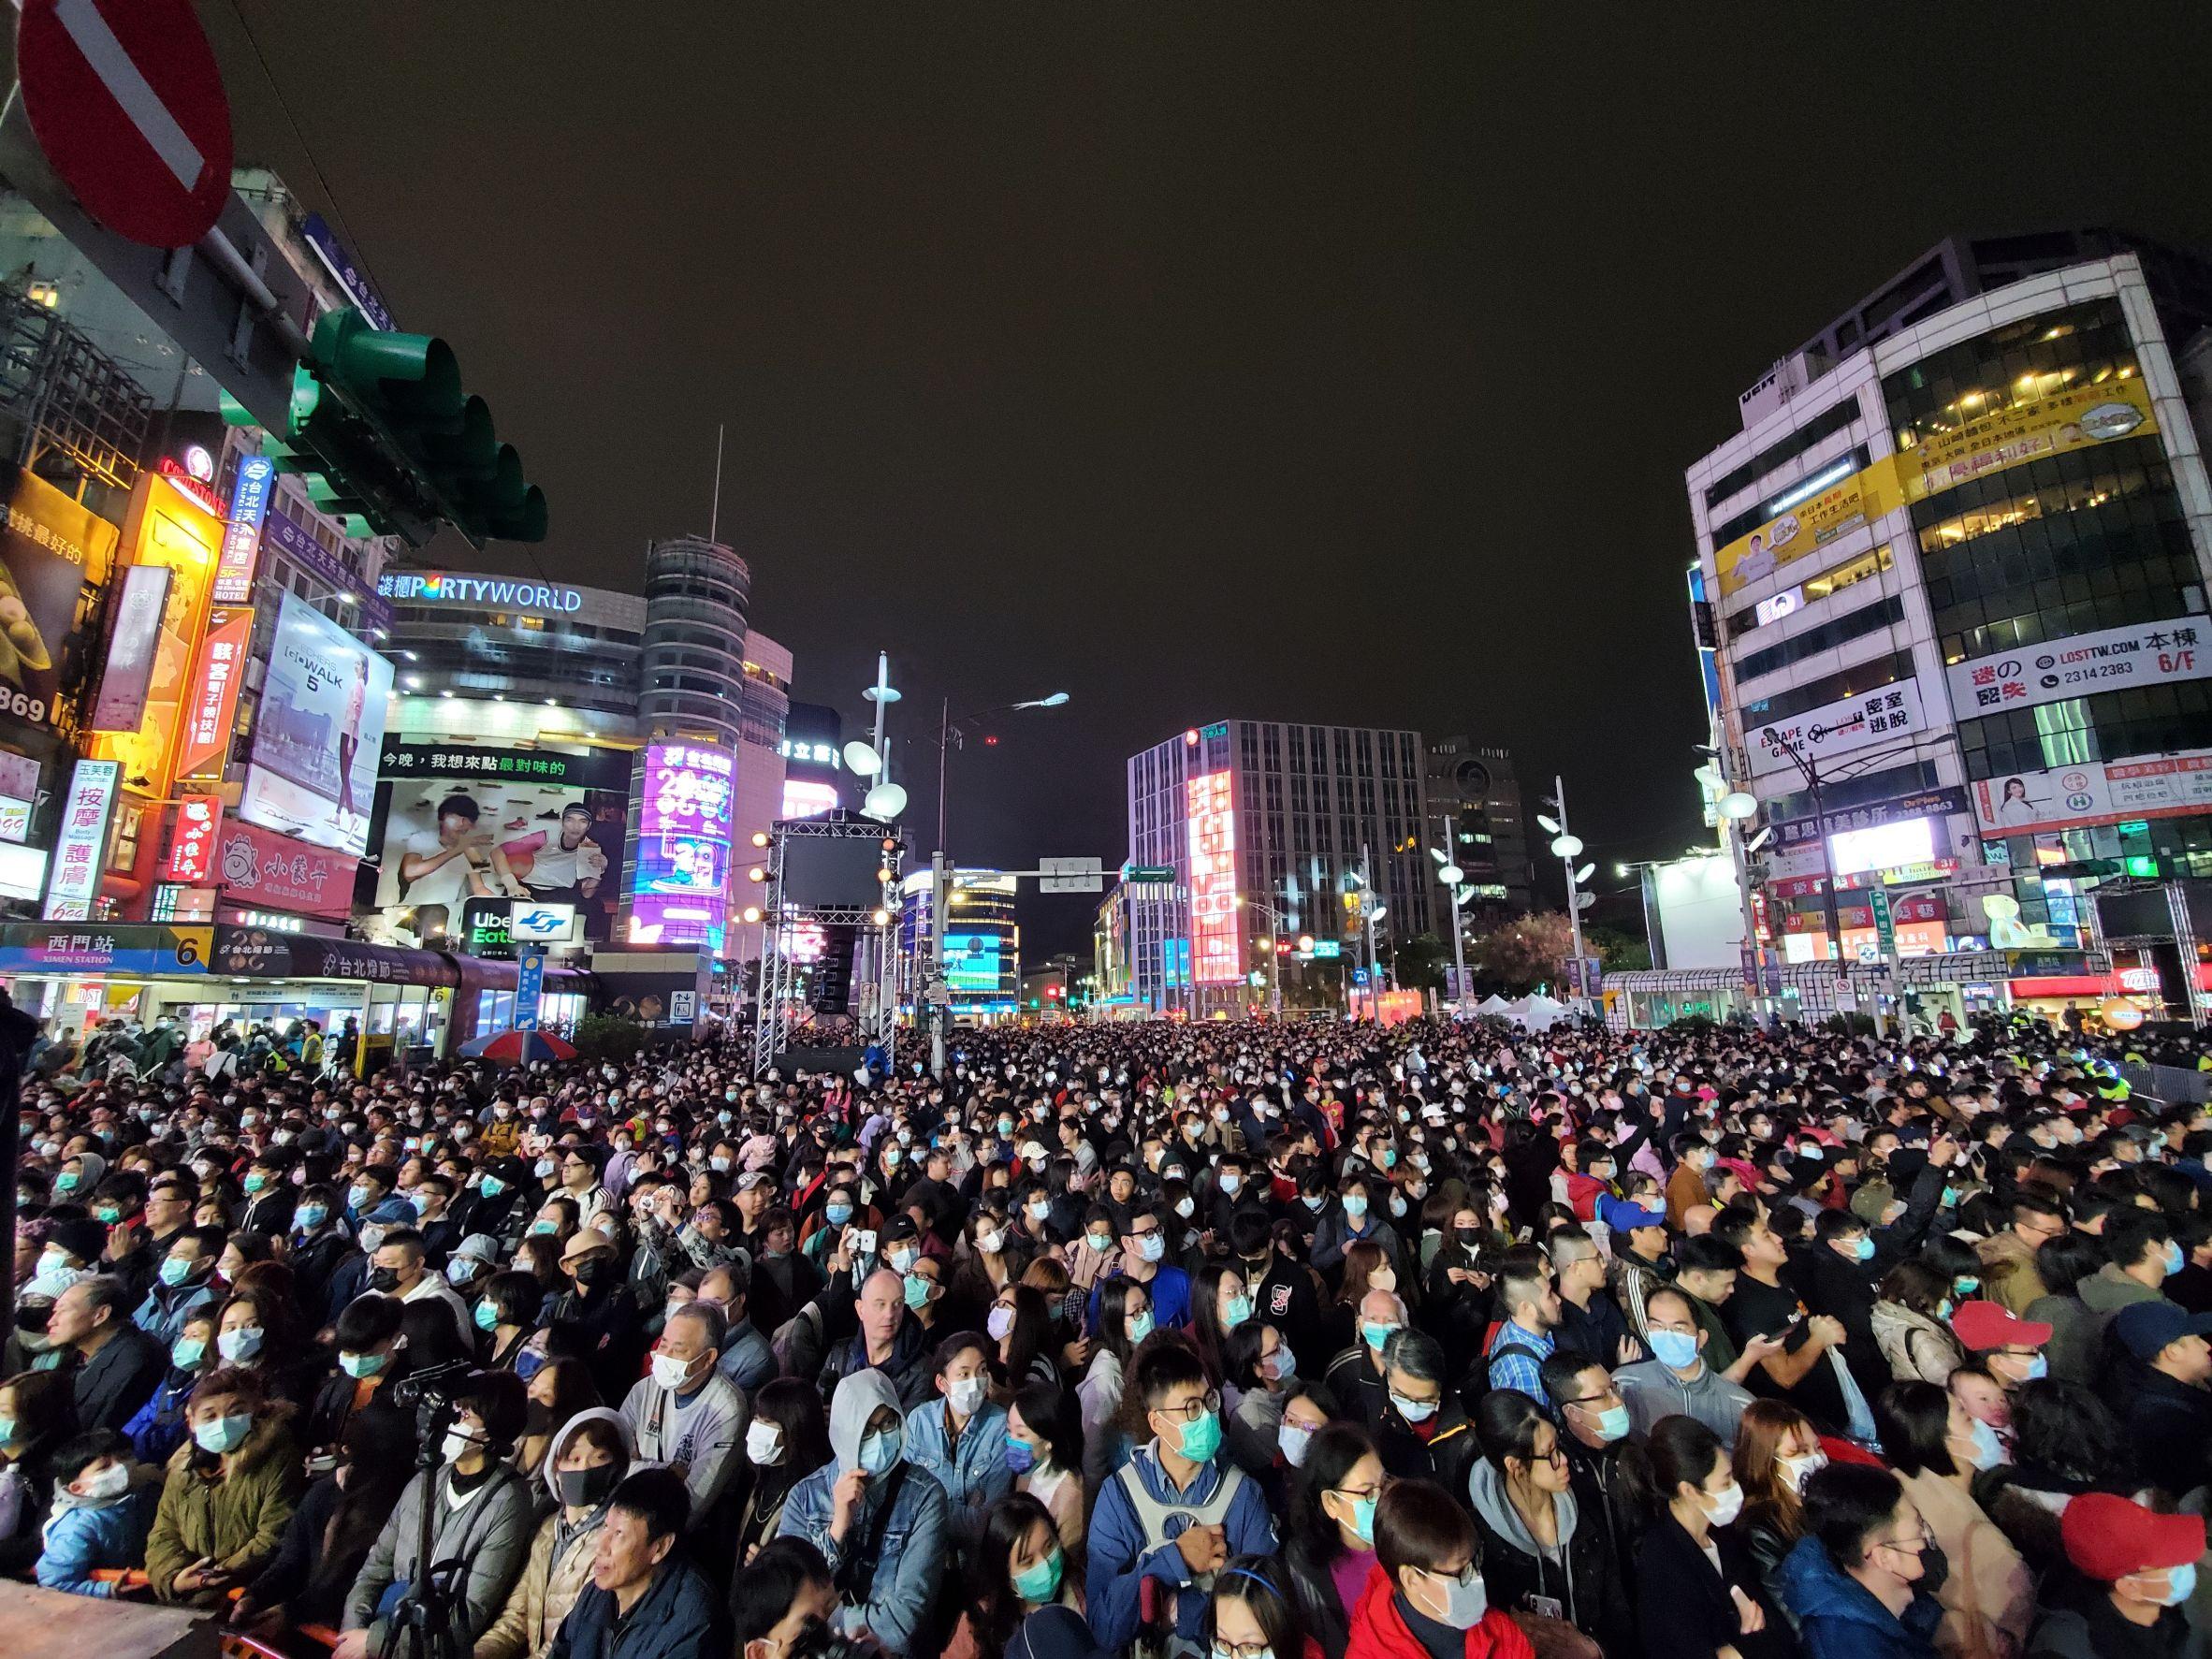 台北燈節今日盛大開幕吸引滿滿人潮